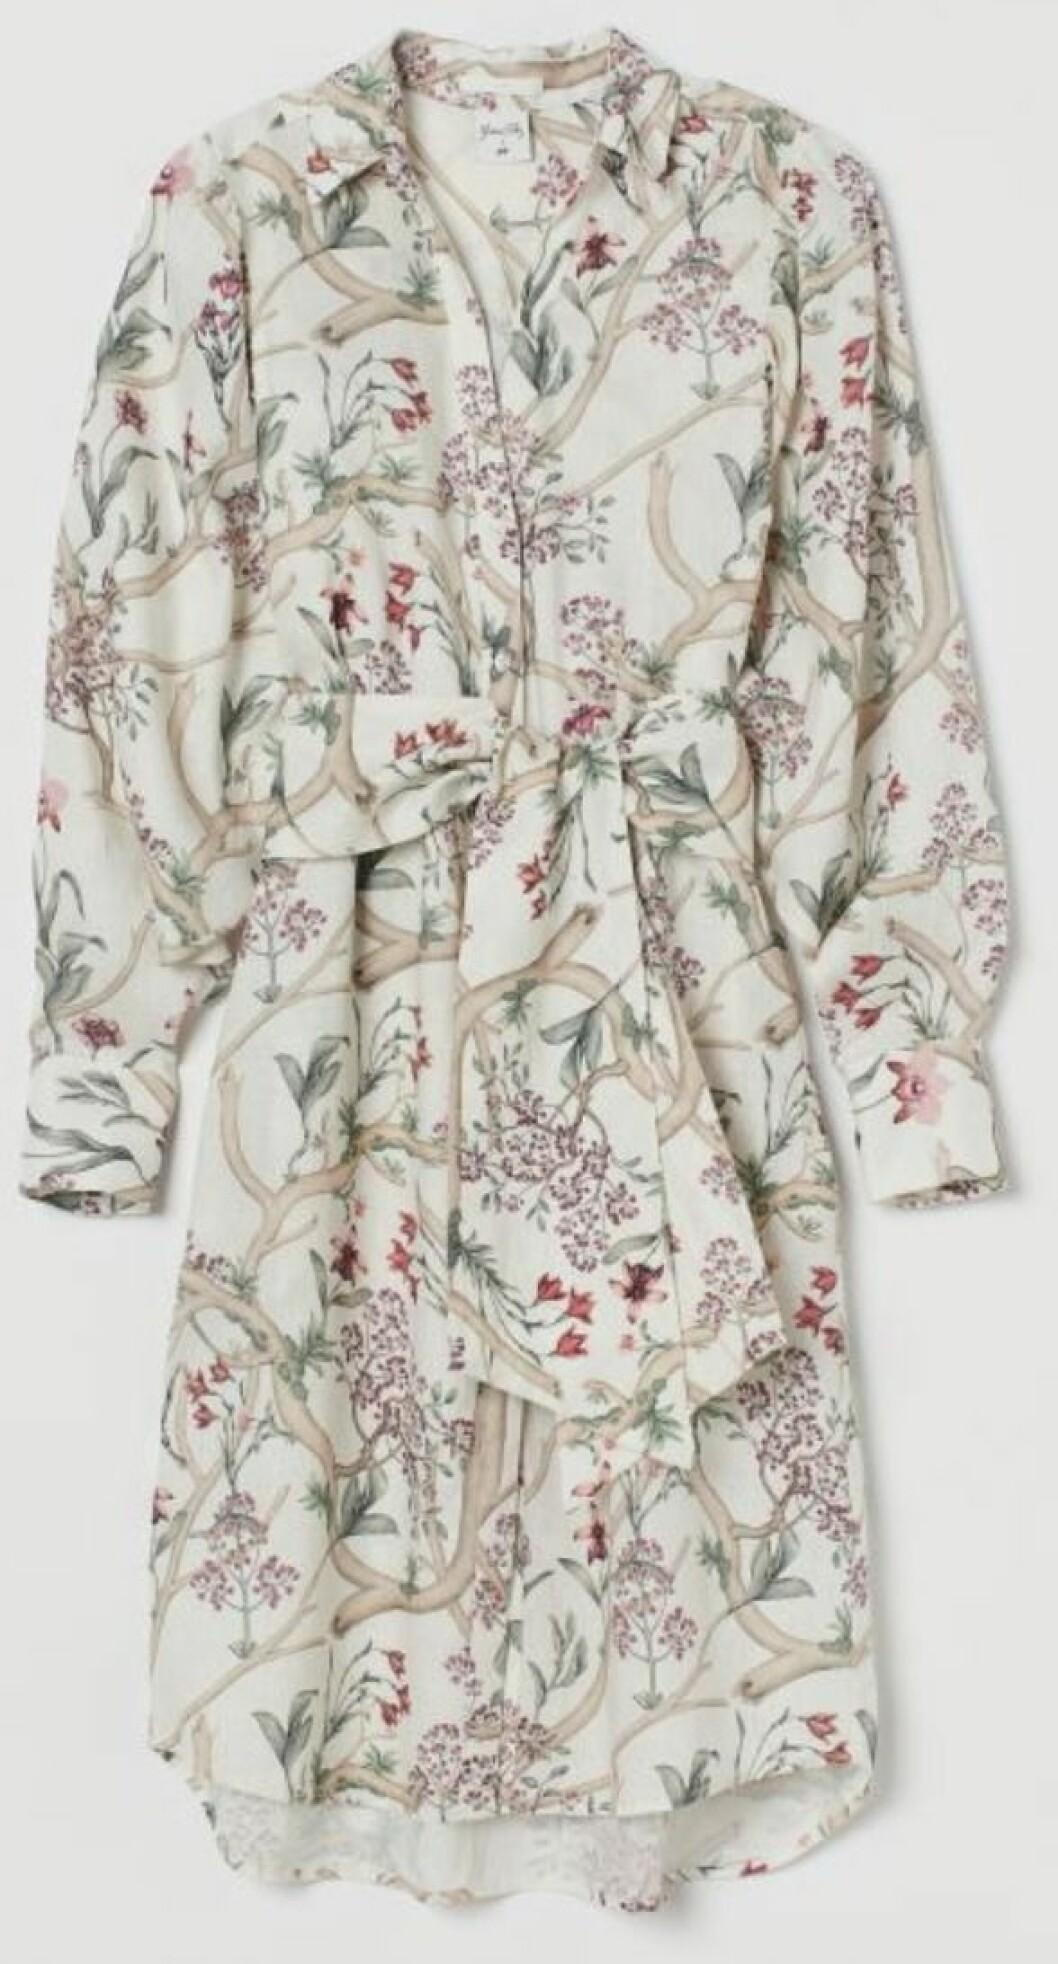 Blommig linneklänning i skjortmodell från Johanna Ortiz x H&M.